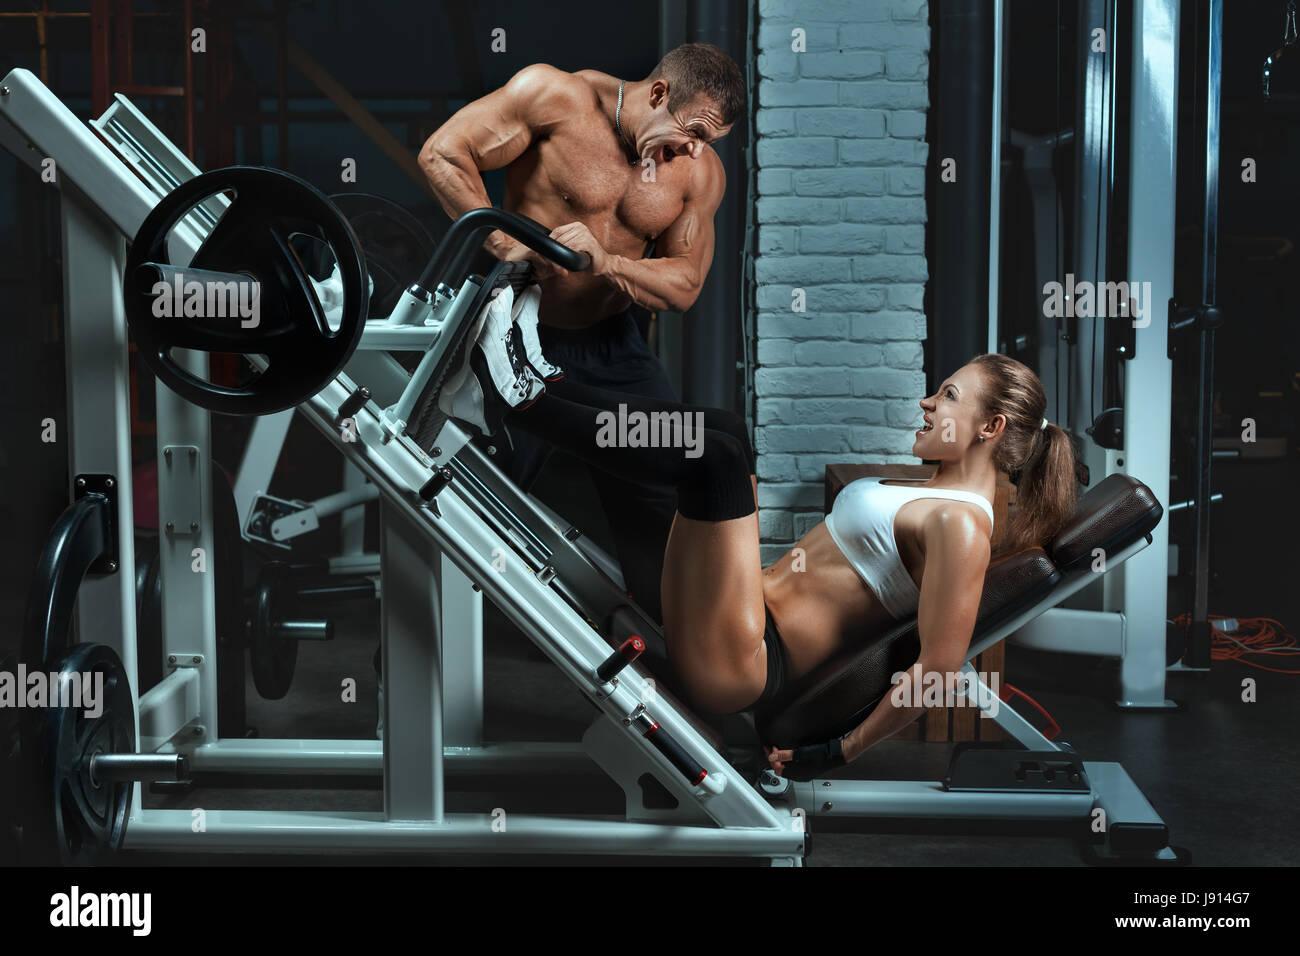 Hombre culturista capacita a las mujeres. Mujer en la máquina gire los músculos de la pierna. Imagen De Stock